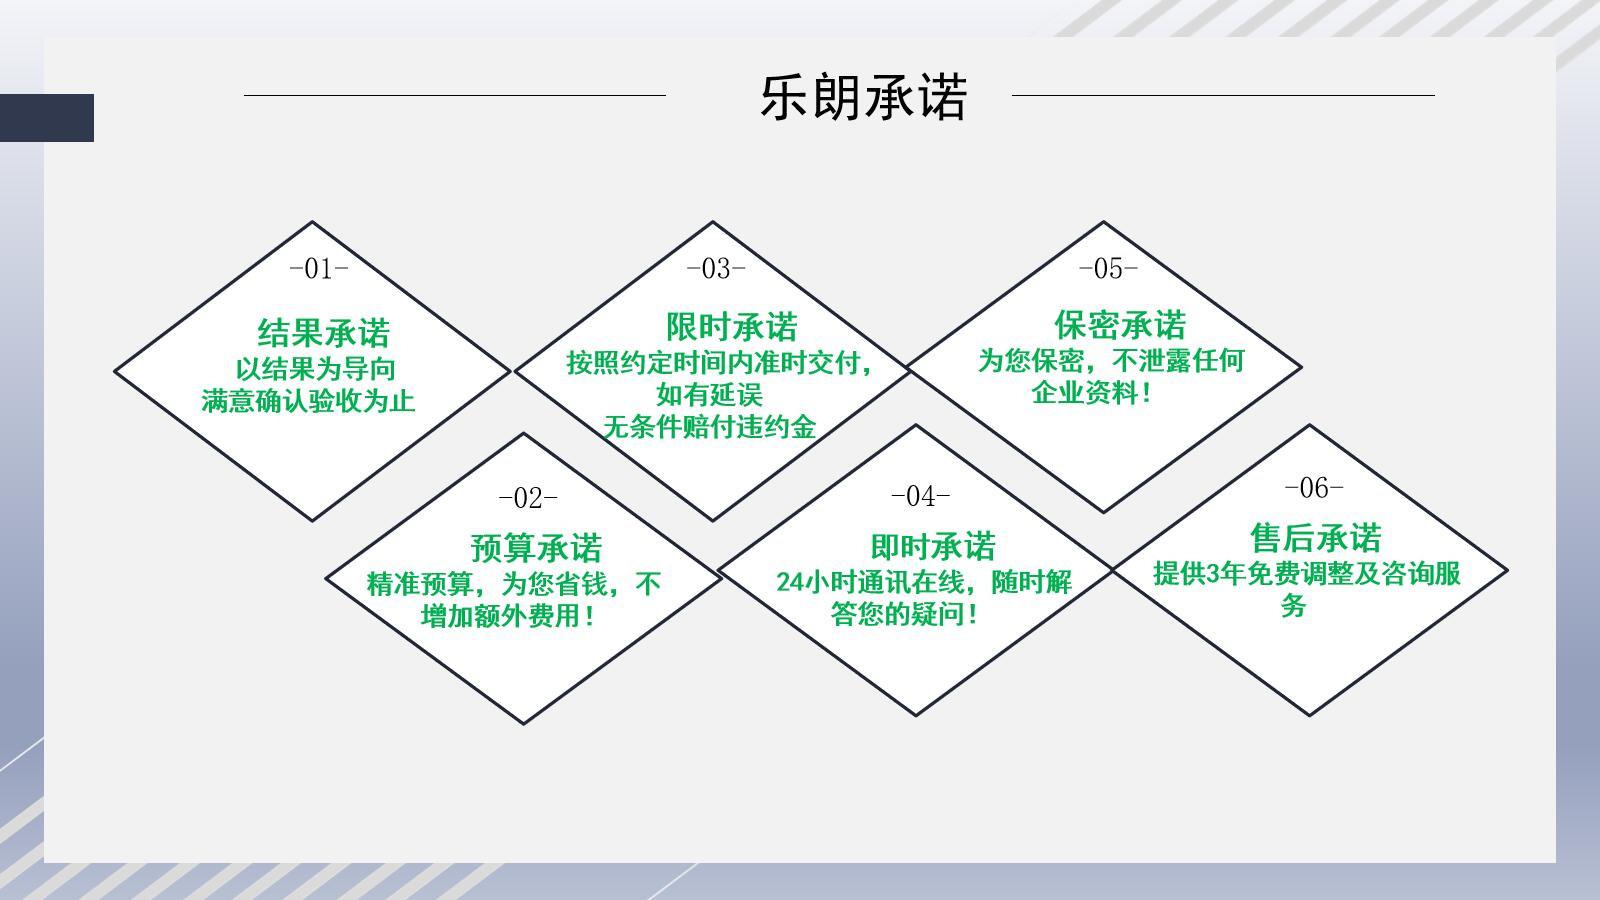 迪庆旅游小镇规划设计收费标准